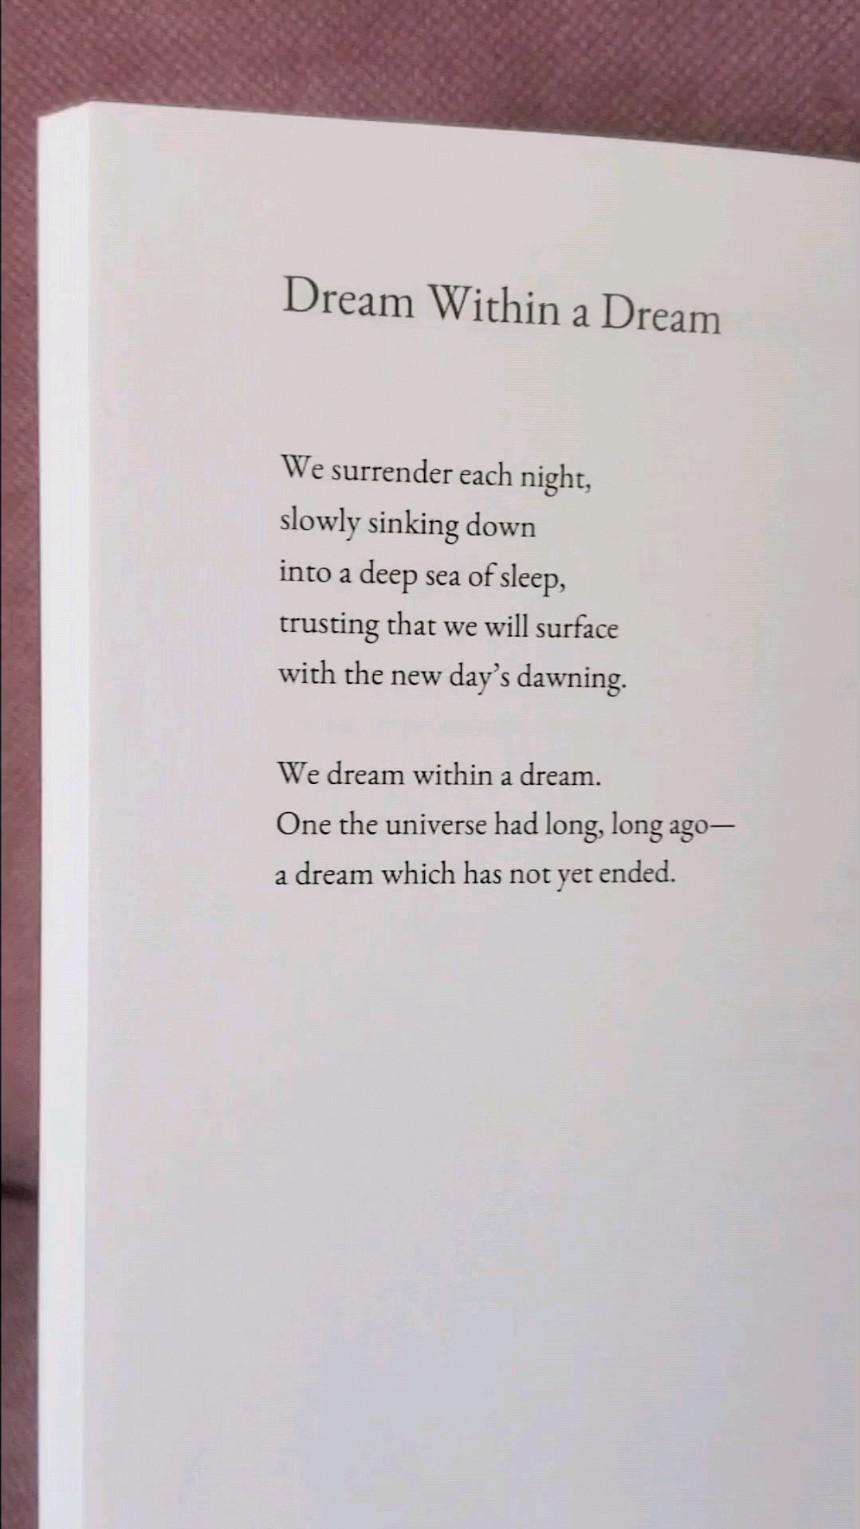 Inspiring Poem - Poetry by John Mark Green